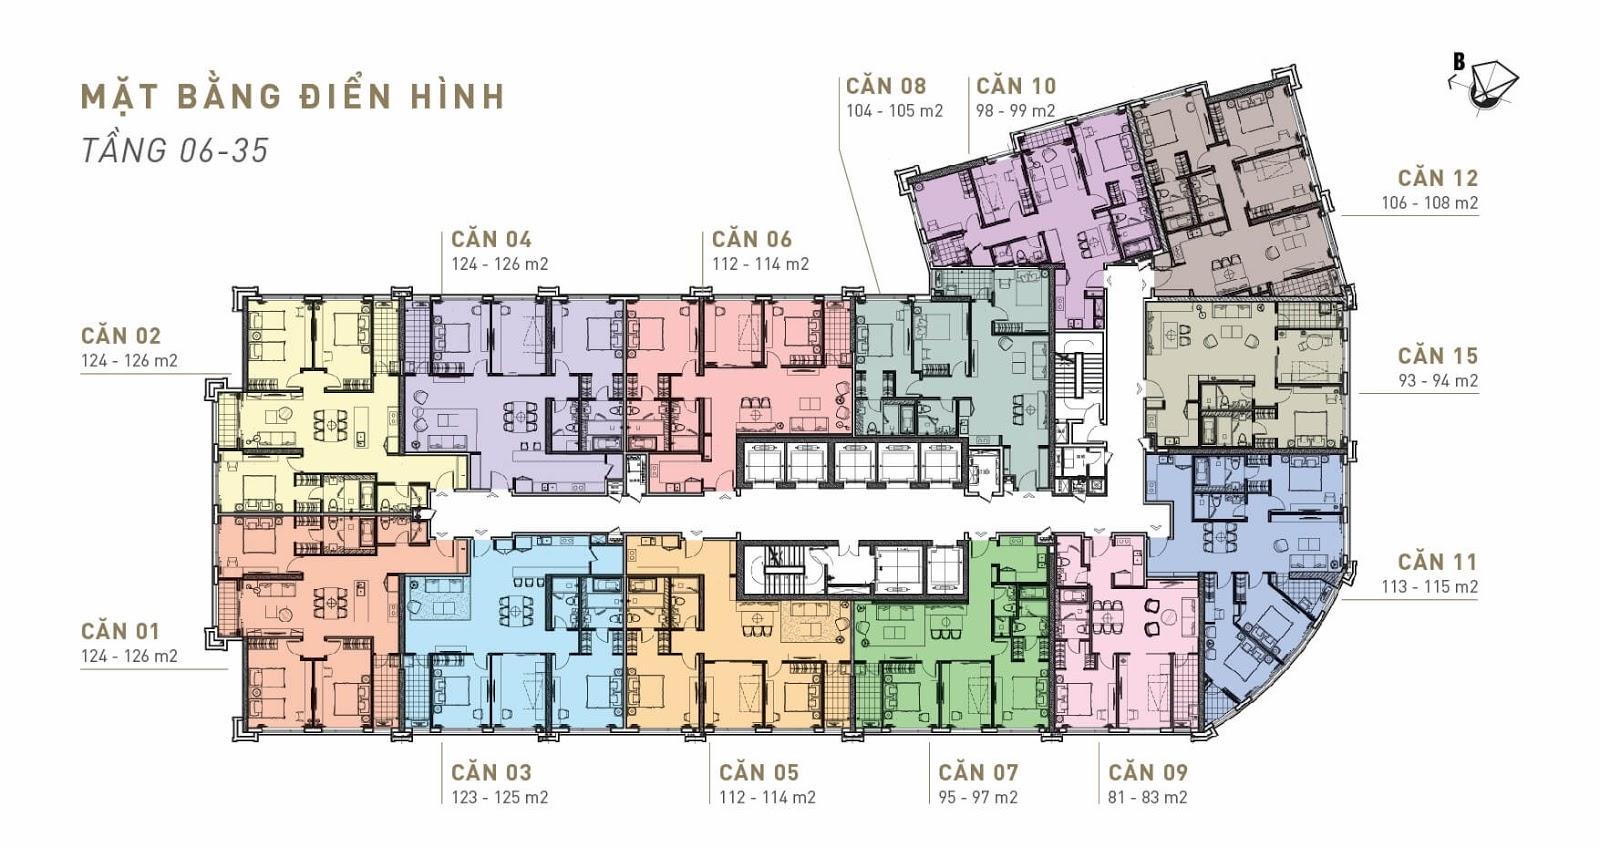 Mặt bằng điển hình King Palace - Tầng 06 - 35